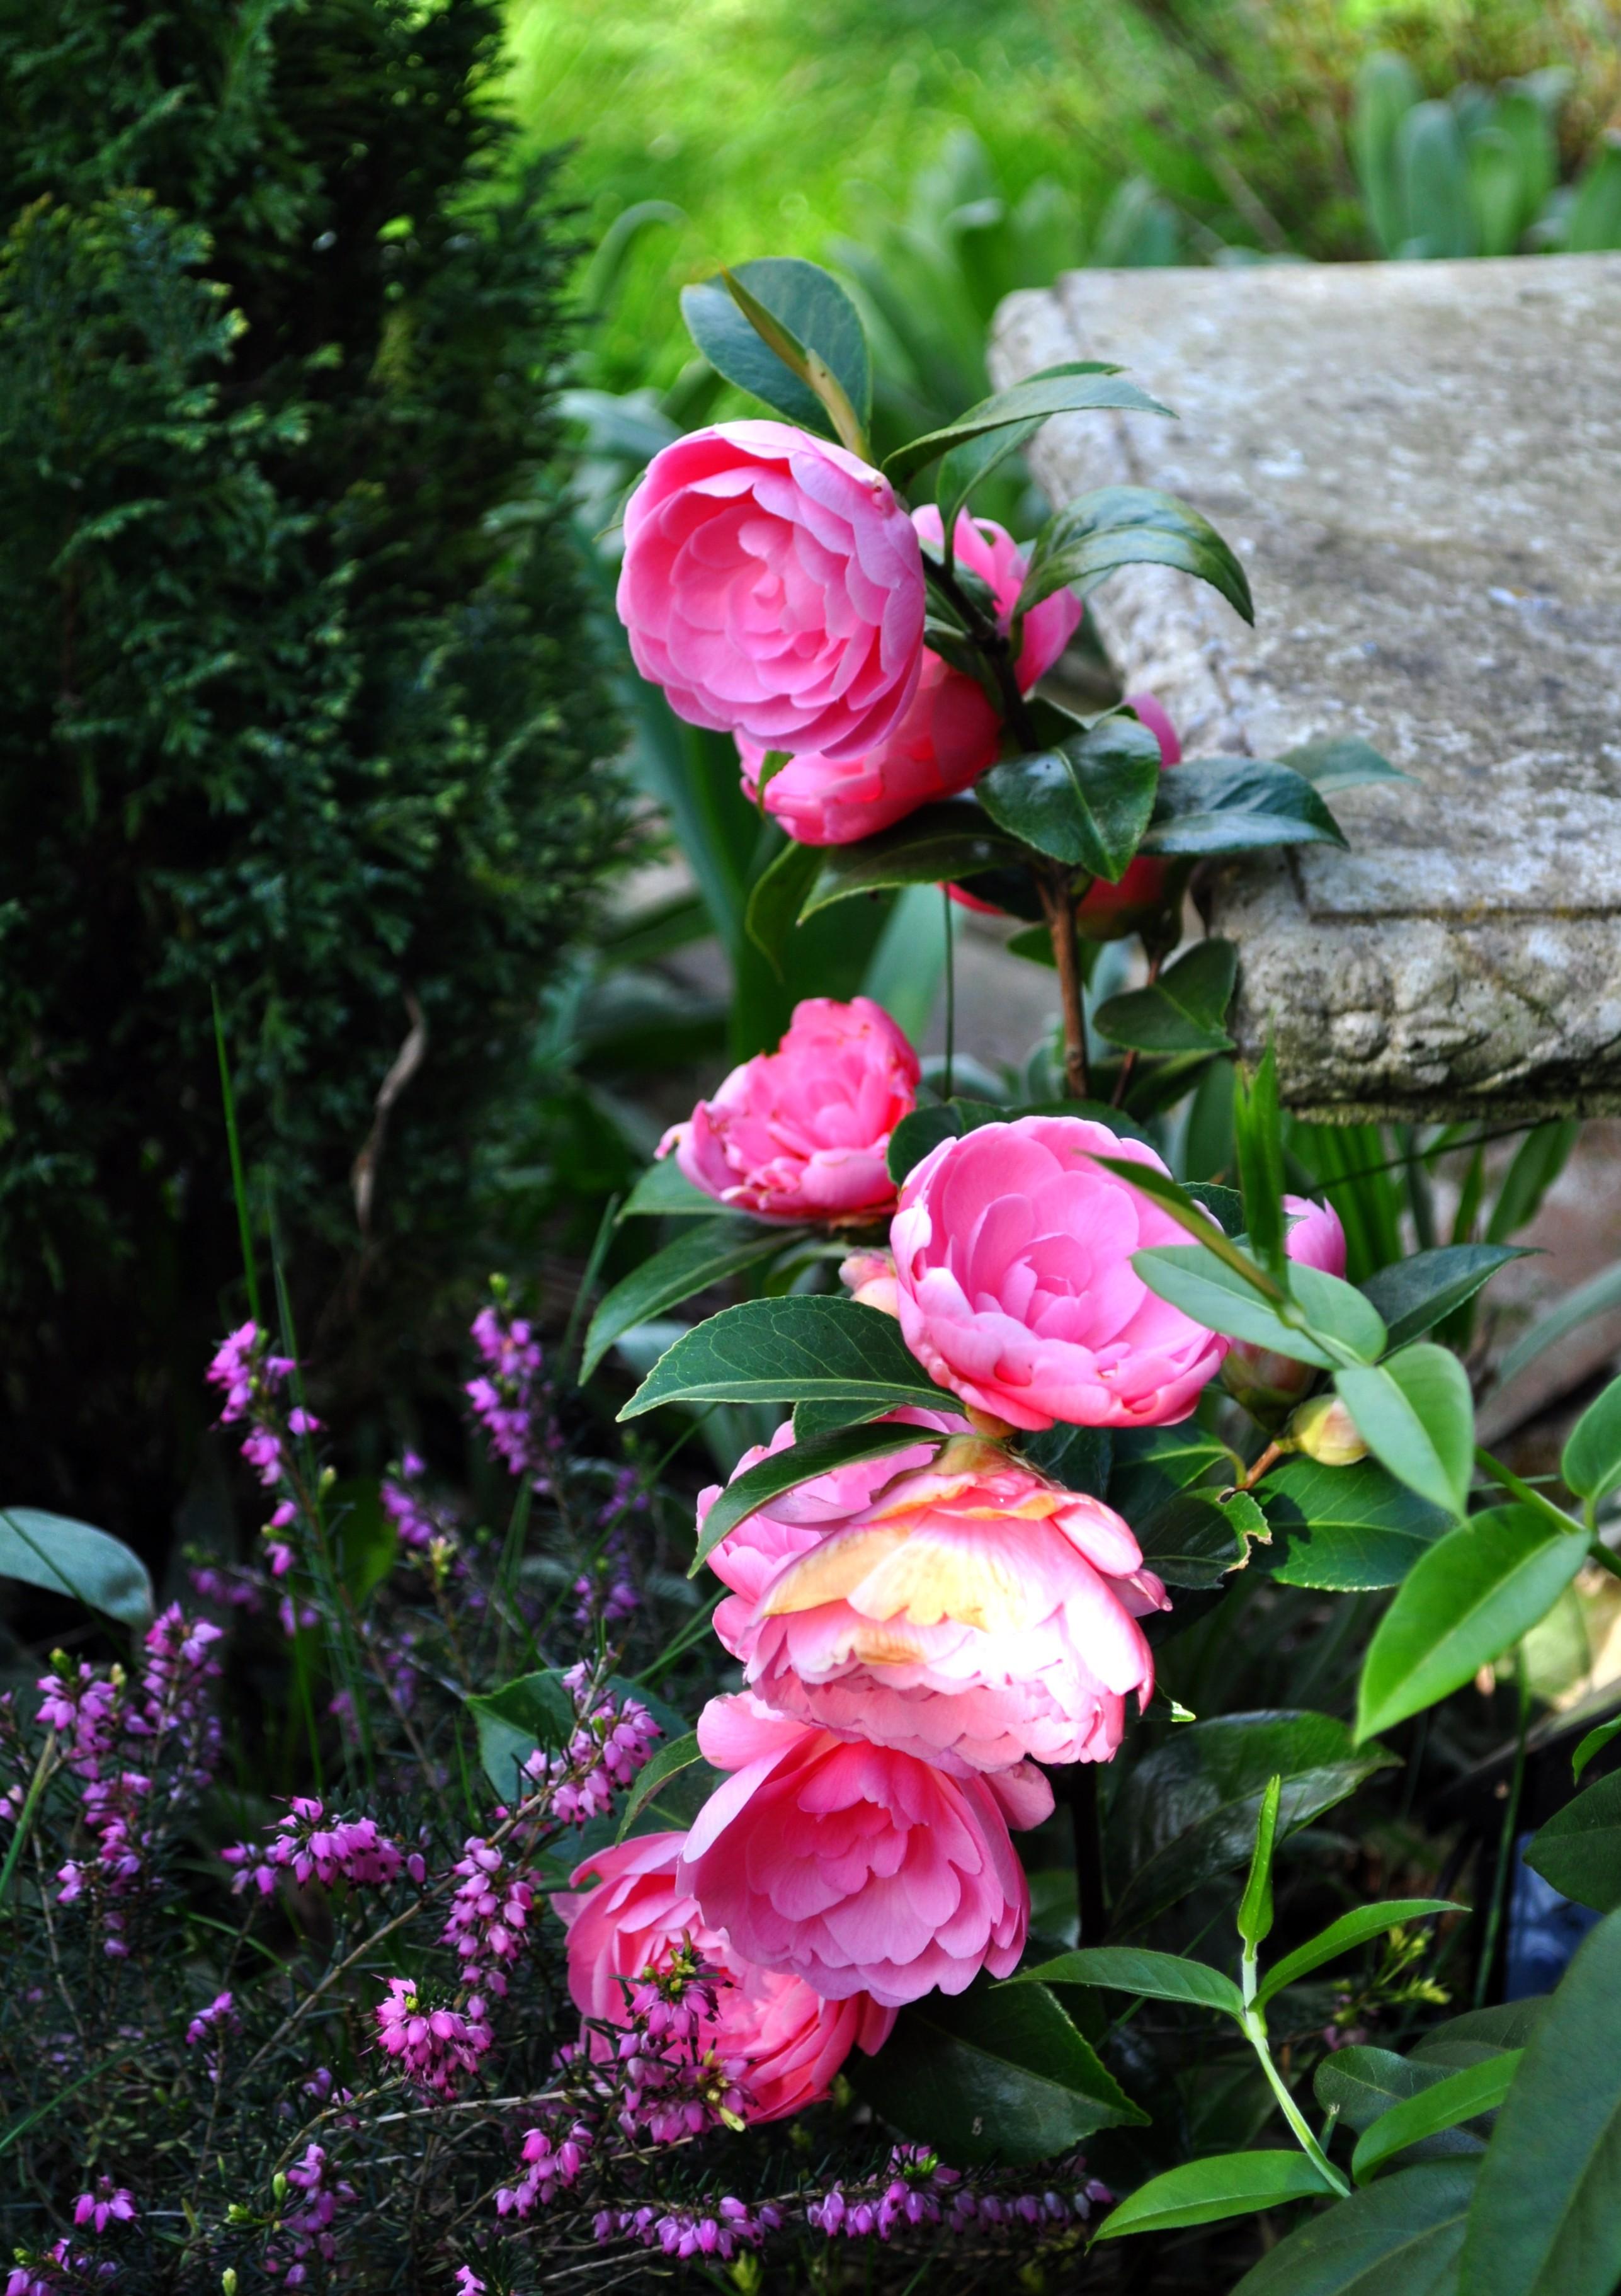 Sweet camellias by forestina fotos on deviantart - Camelia fotos ...